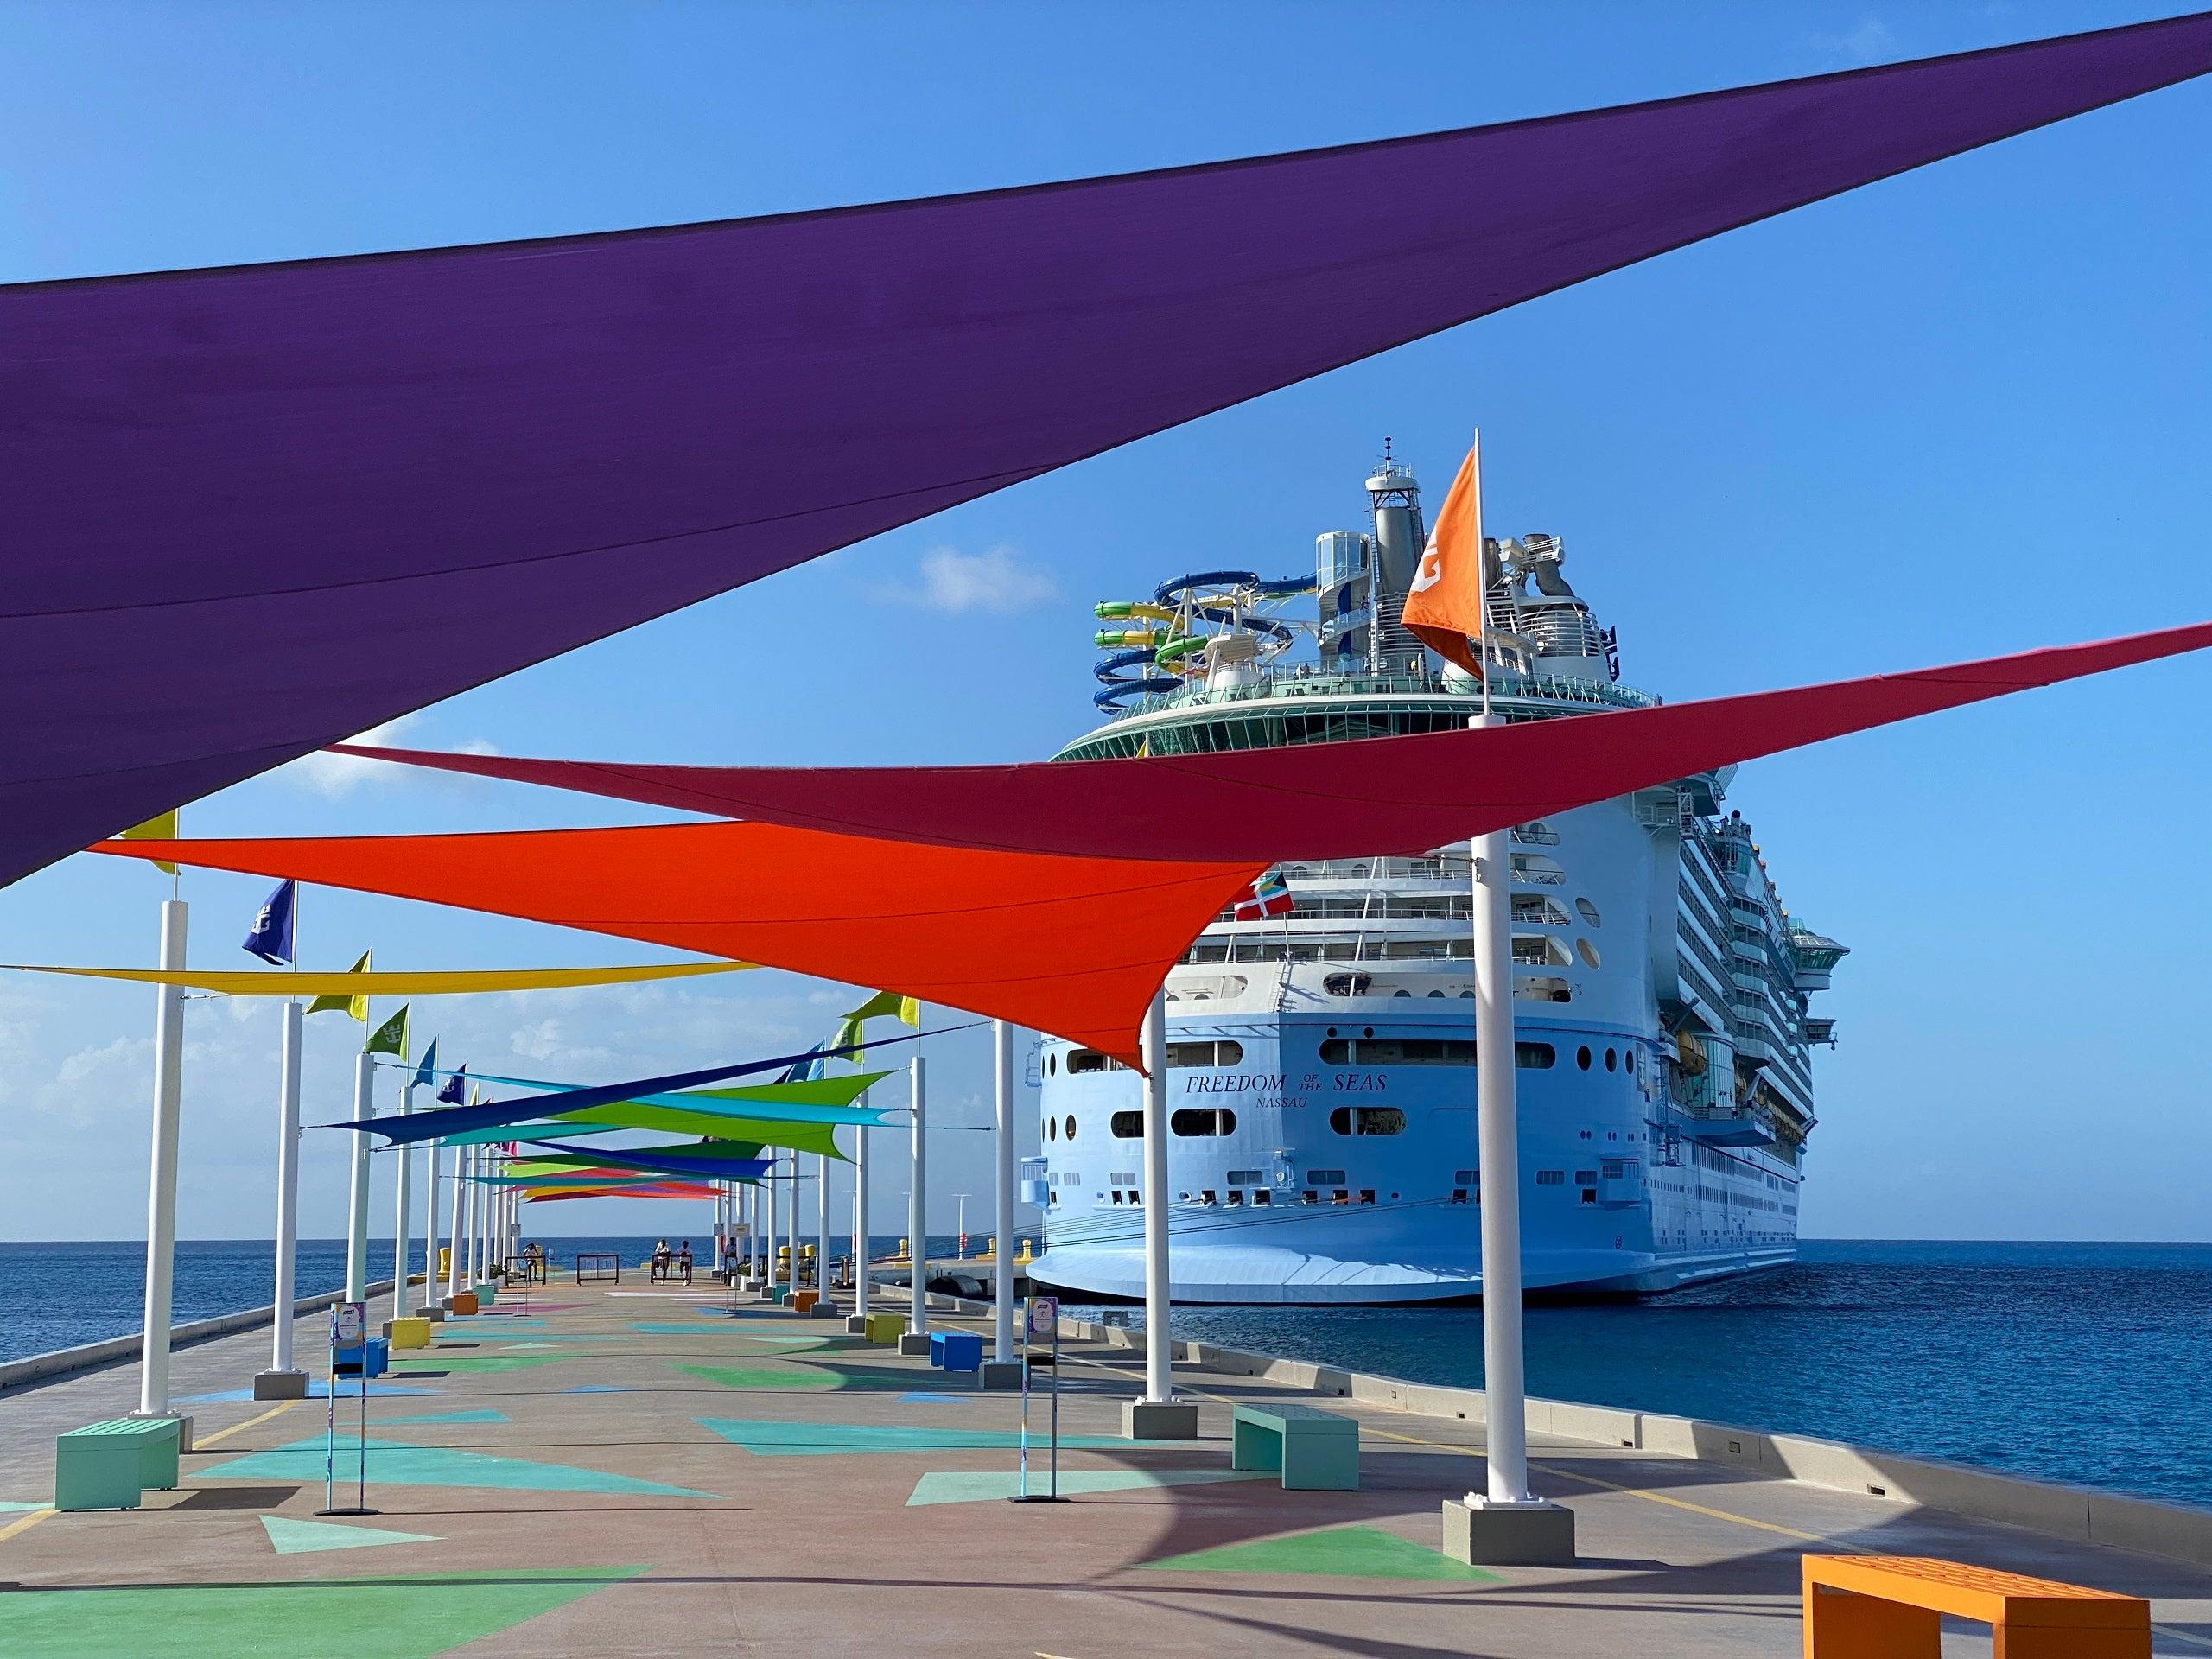 Royal Caribbean's sailing isn't 95% vaccinated